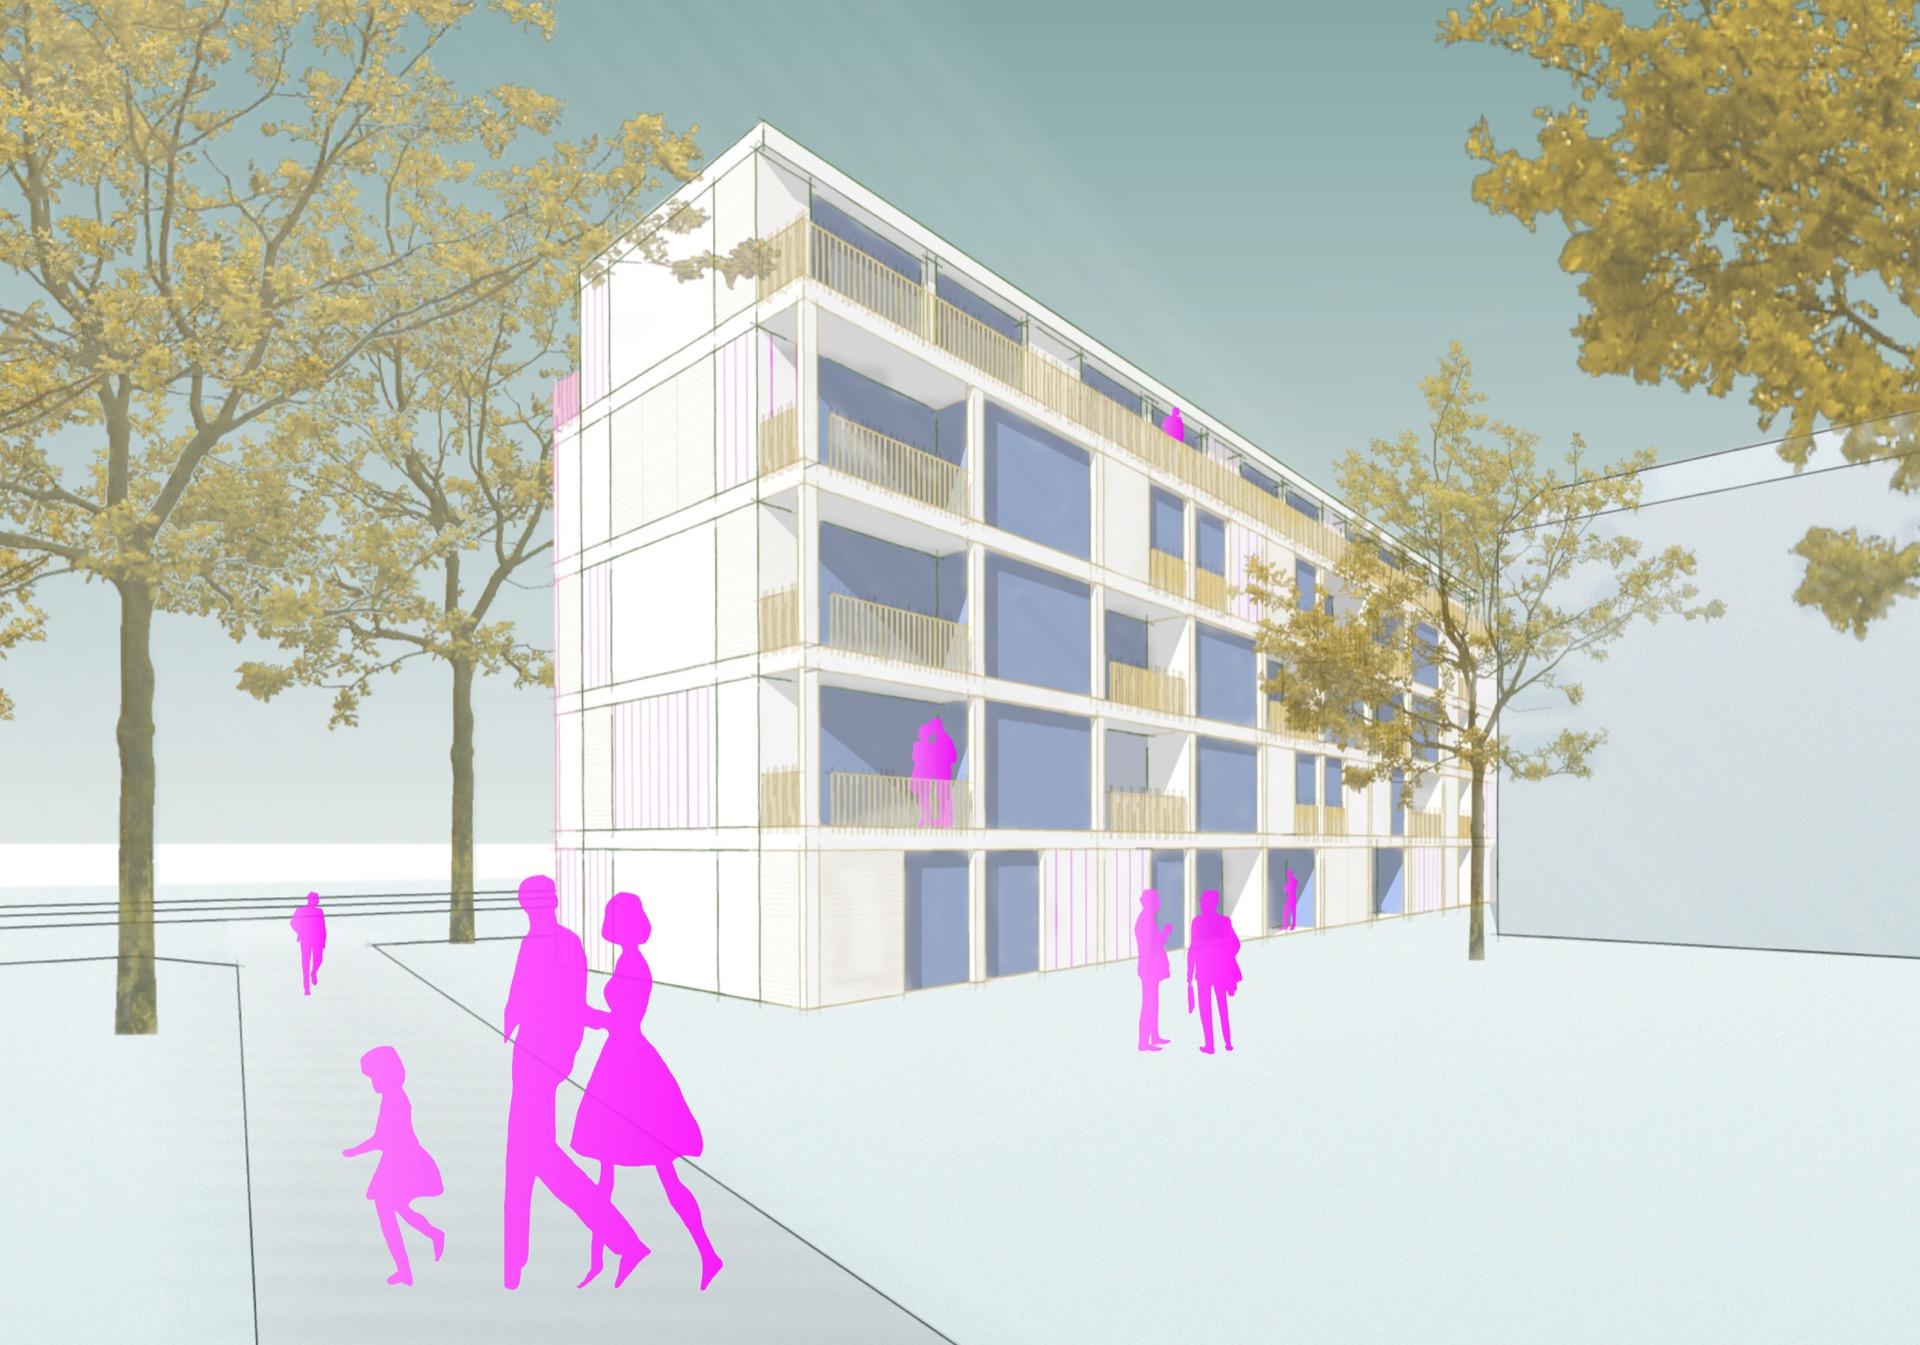 Visualisierung © Seyfarth Stahlhut Architekten BDA PARTGMBB